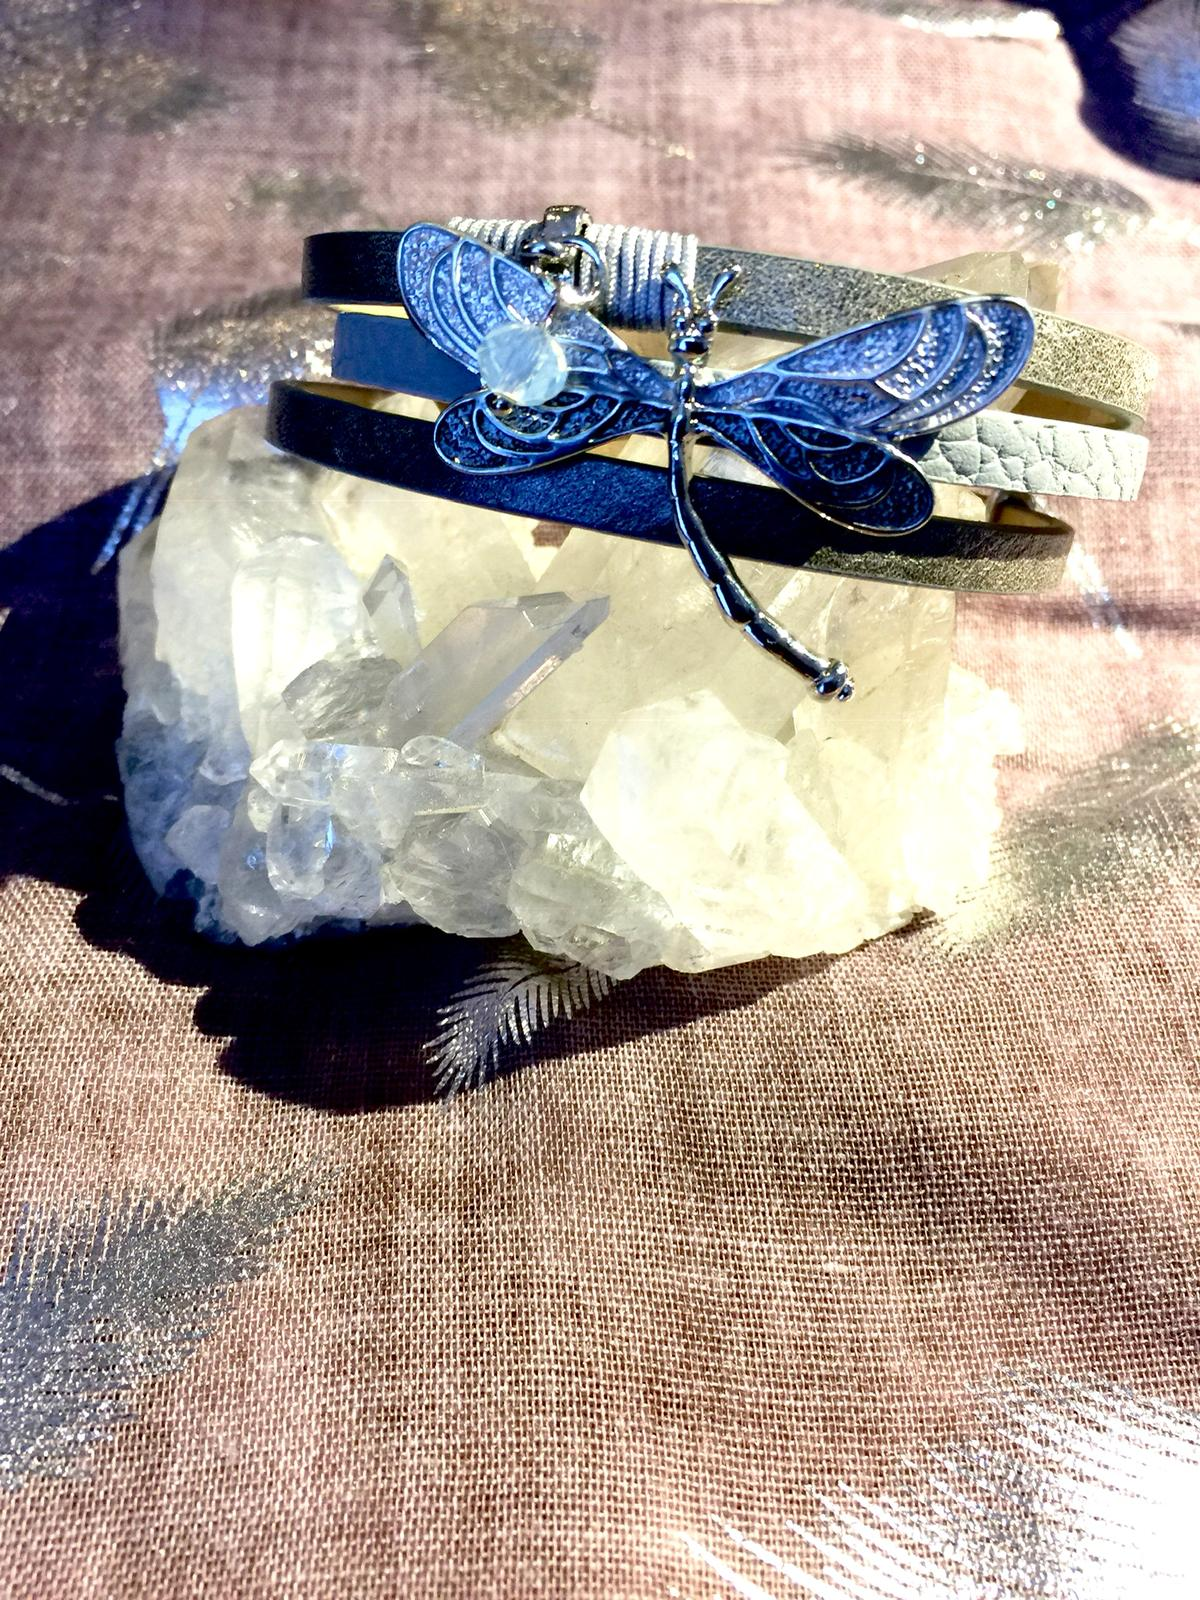 Blue Dragonfly Snap Bracelet